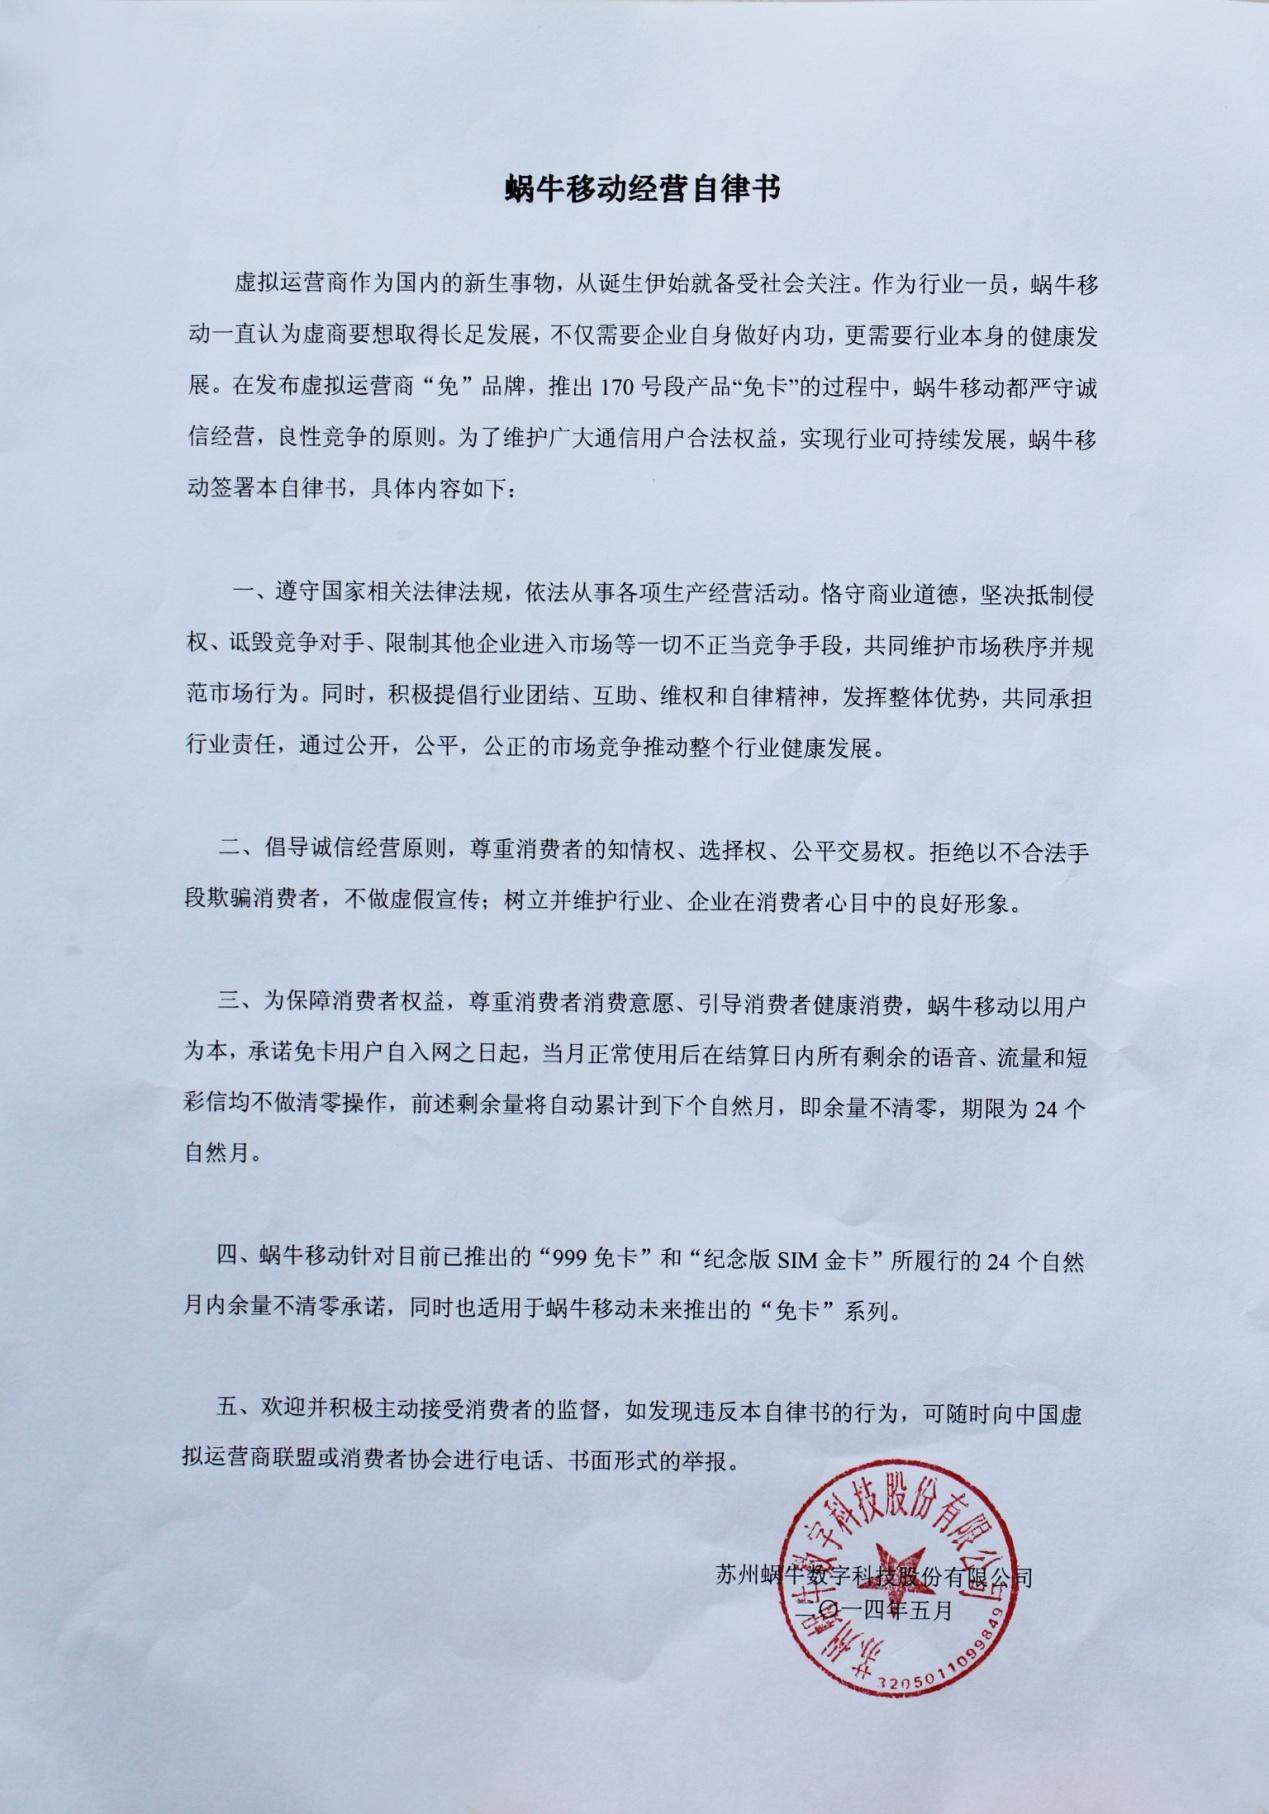 蜗牛移动加入中国虚拟运营商产业联盟?#26376;?#22996;员会